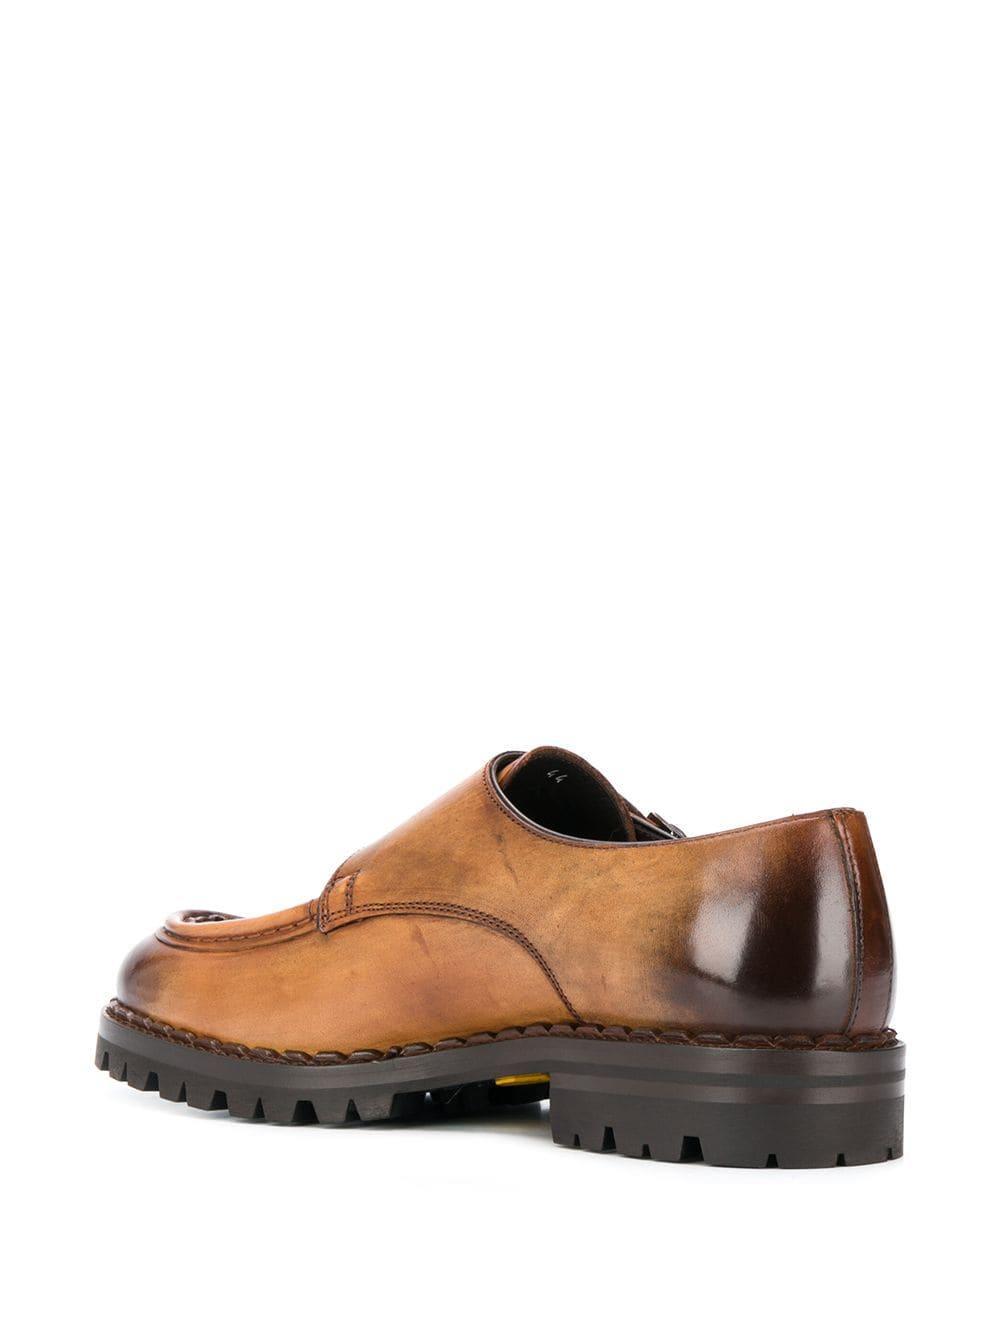 Chaussures à double boucle bicolores Cuir Eleventy pour homme en coloris Marron